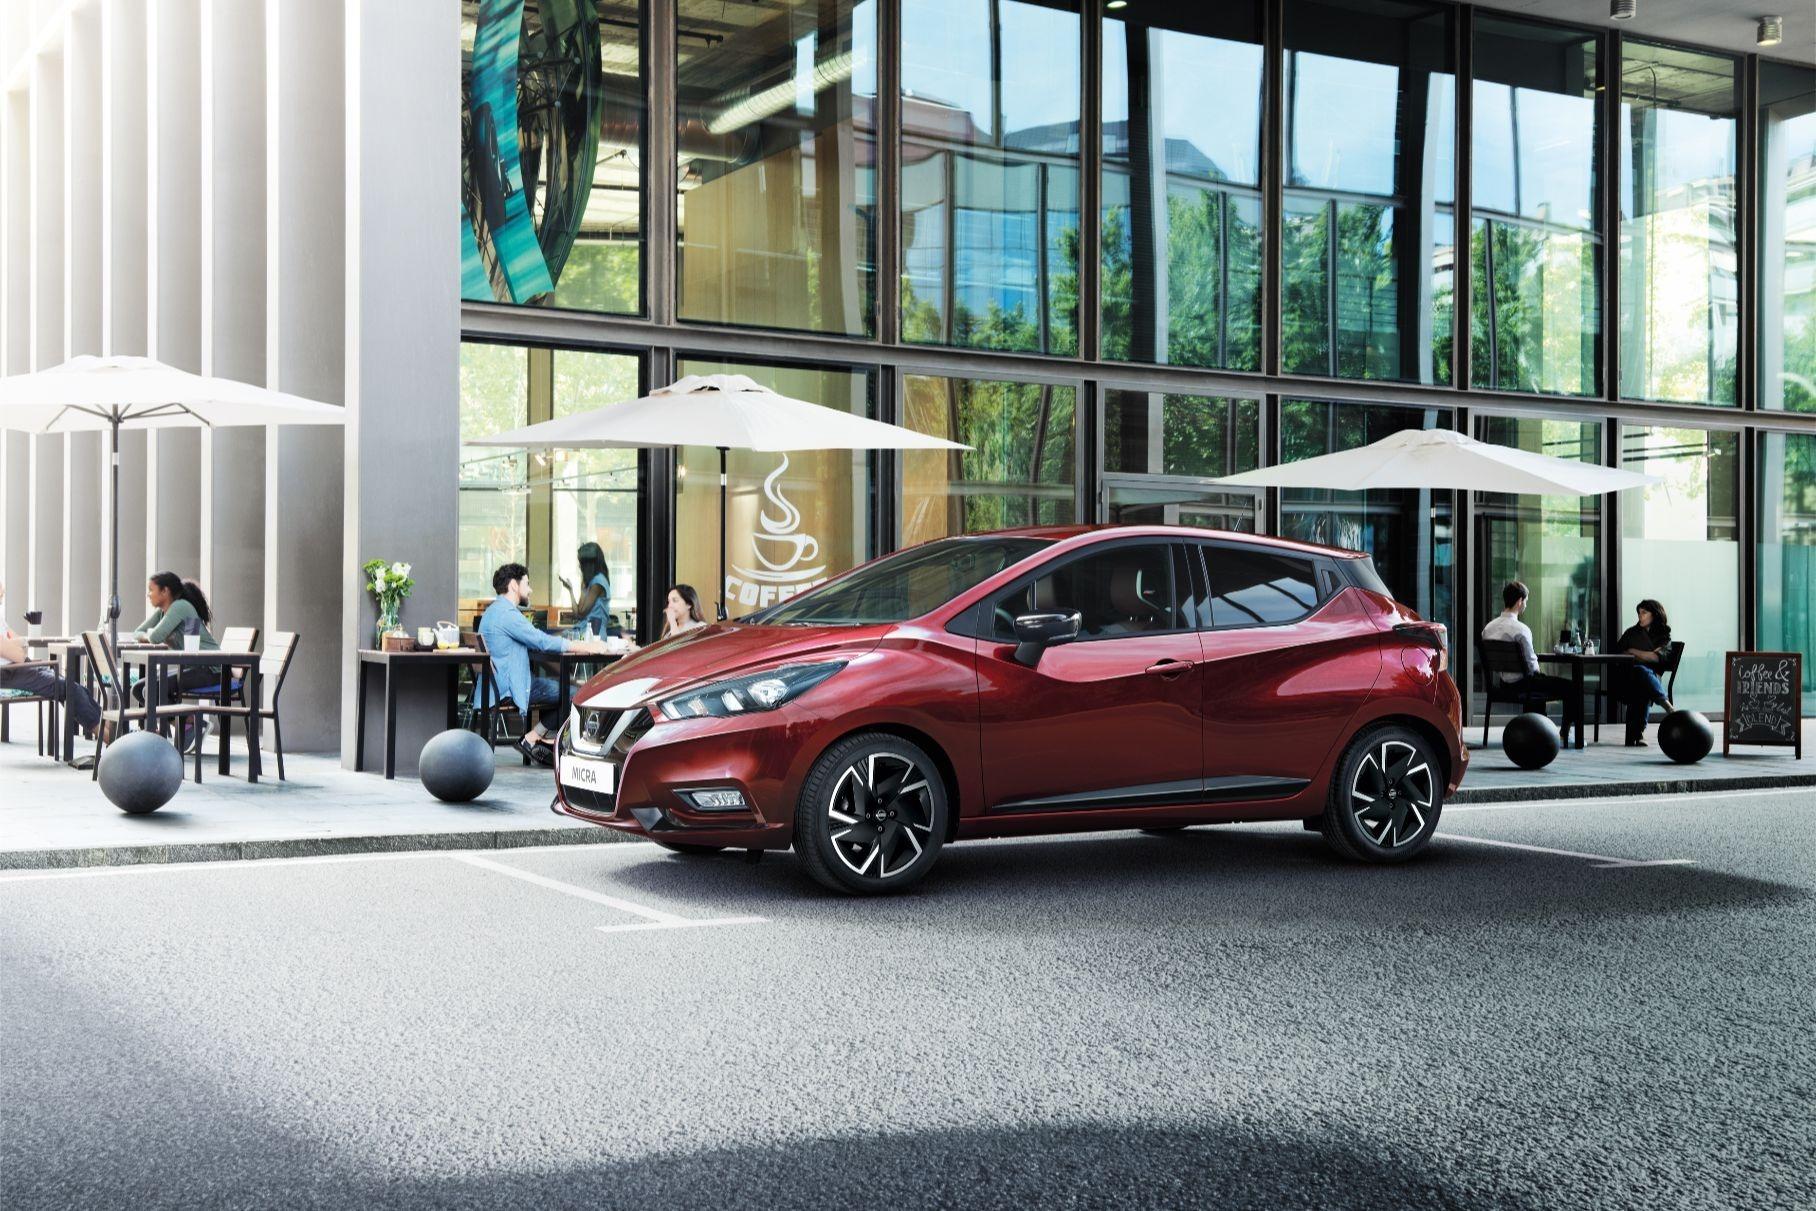 Nissan Micra обновилась и получила дизайнерскую версию